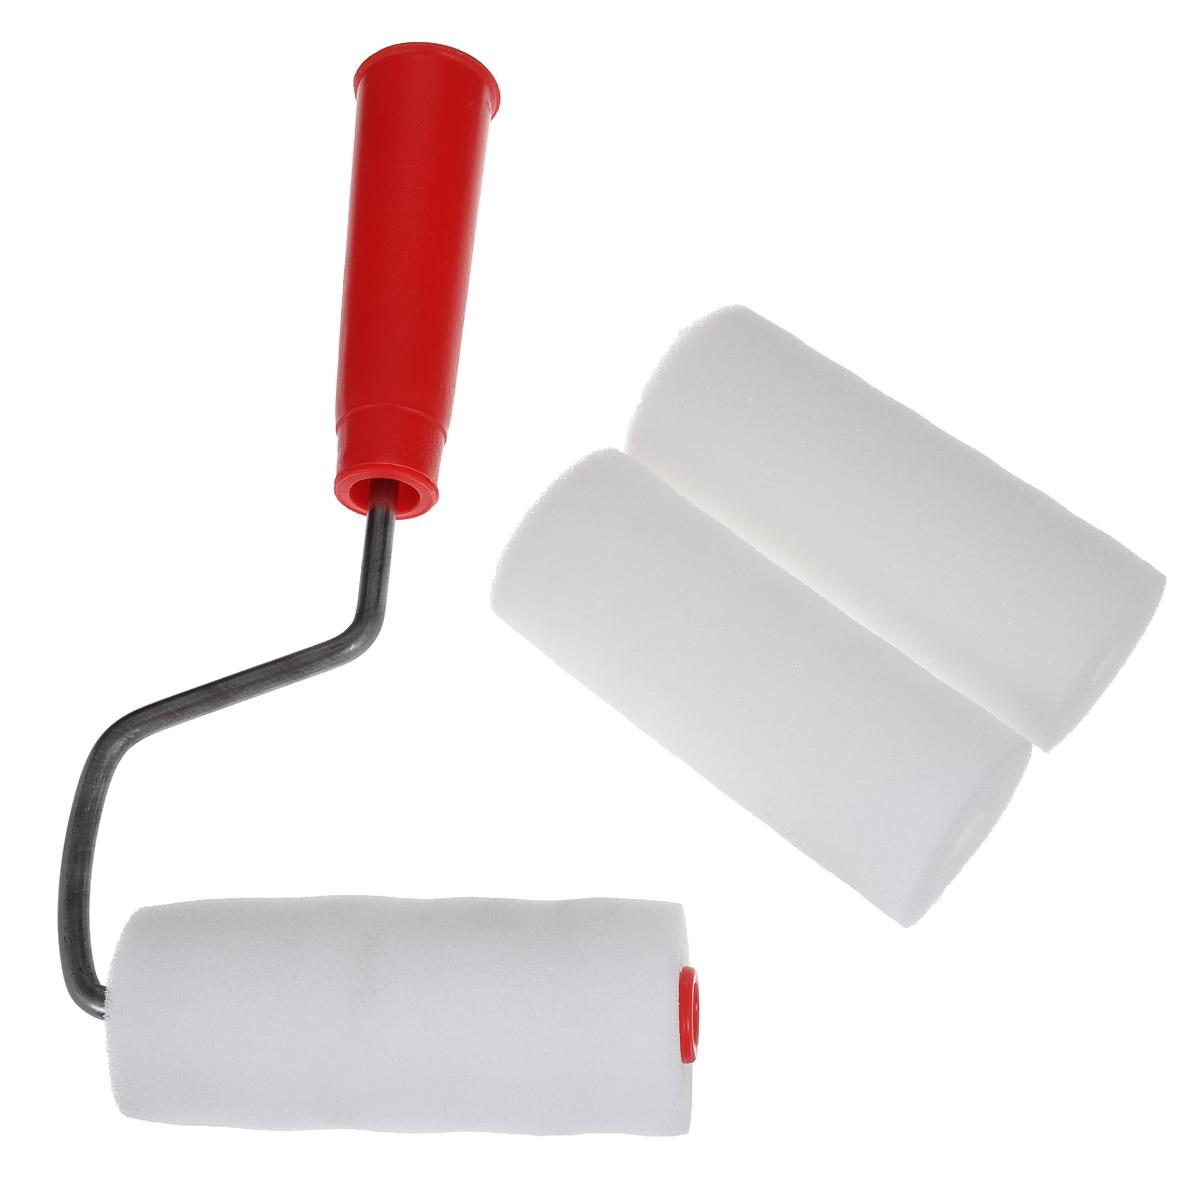 Валик малярный Радуга, с ручкой, цвет: белый, красный, 100 мм х 42 мм + 2 ролика80445Малярный валик Радуга применяется для работы на гладких поверхностях. Используется с лакокрасочными материалами на водной и алкидной основах и масляными красками. В комплекте 2 запасных ролика. Длина ролика: 10 см. Диаметр ролика: 4,2 см.